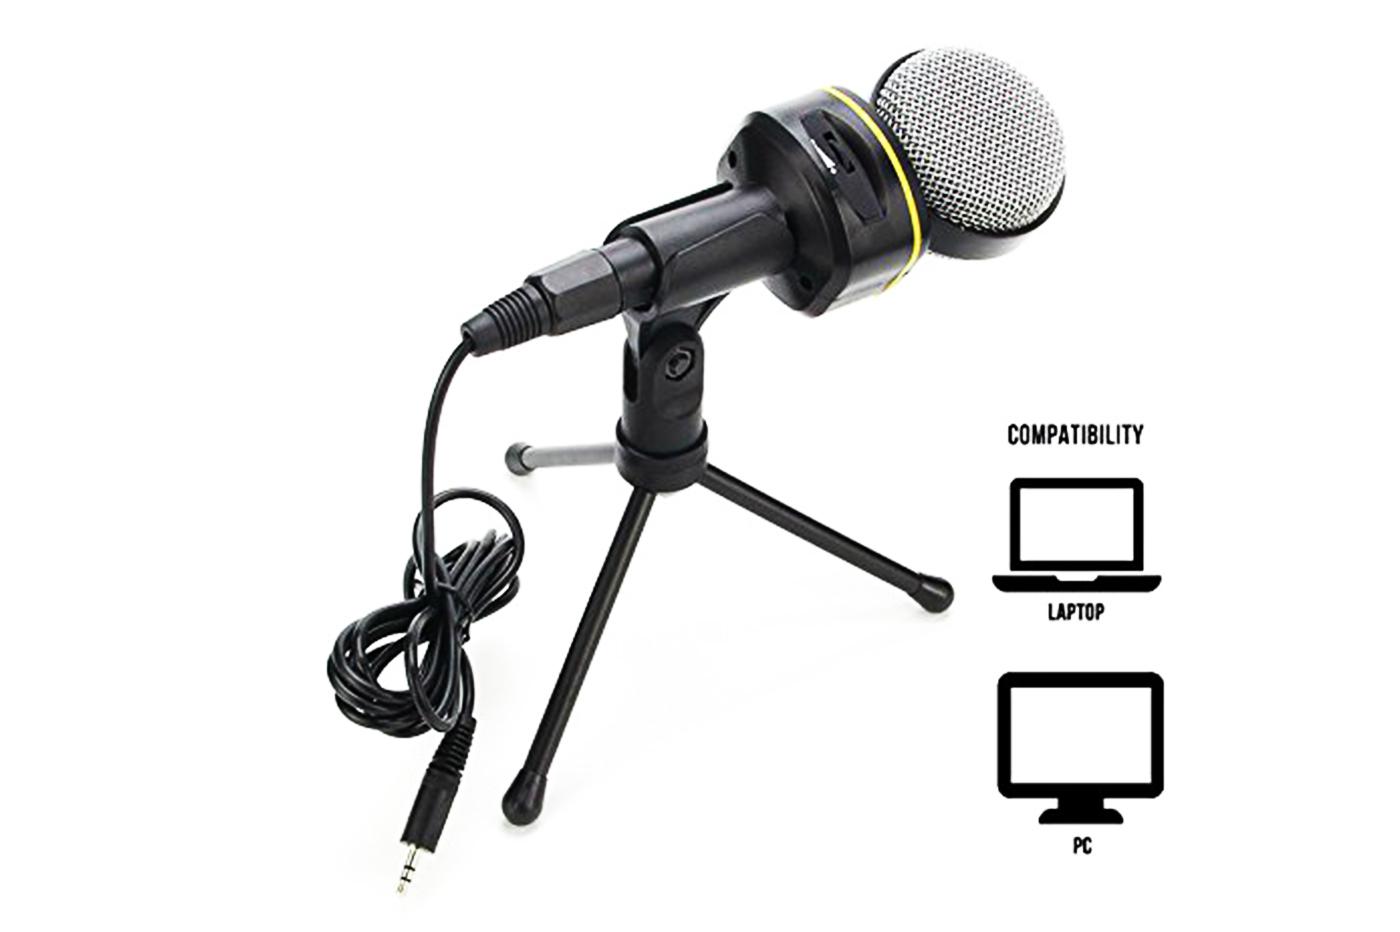 BES-25764 - Microfoni - beselettronica - Microfono a condensatore con treppiede da tavolo cavo jack pc laptop QY920-930